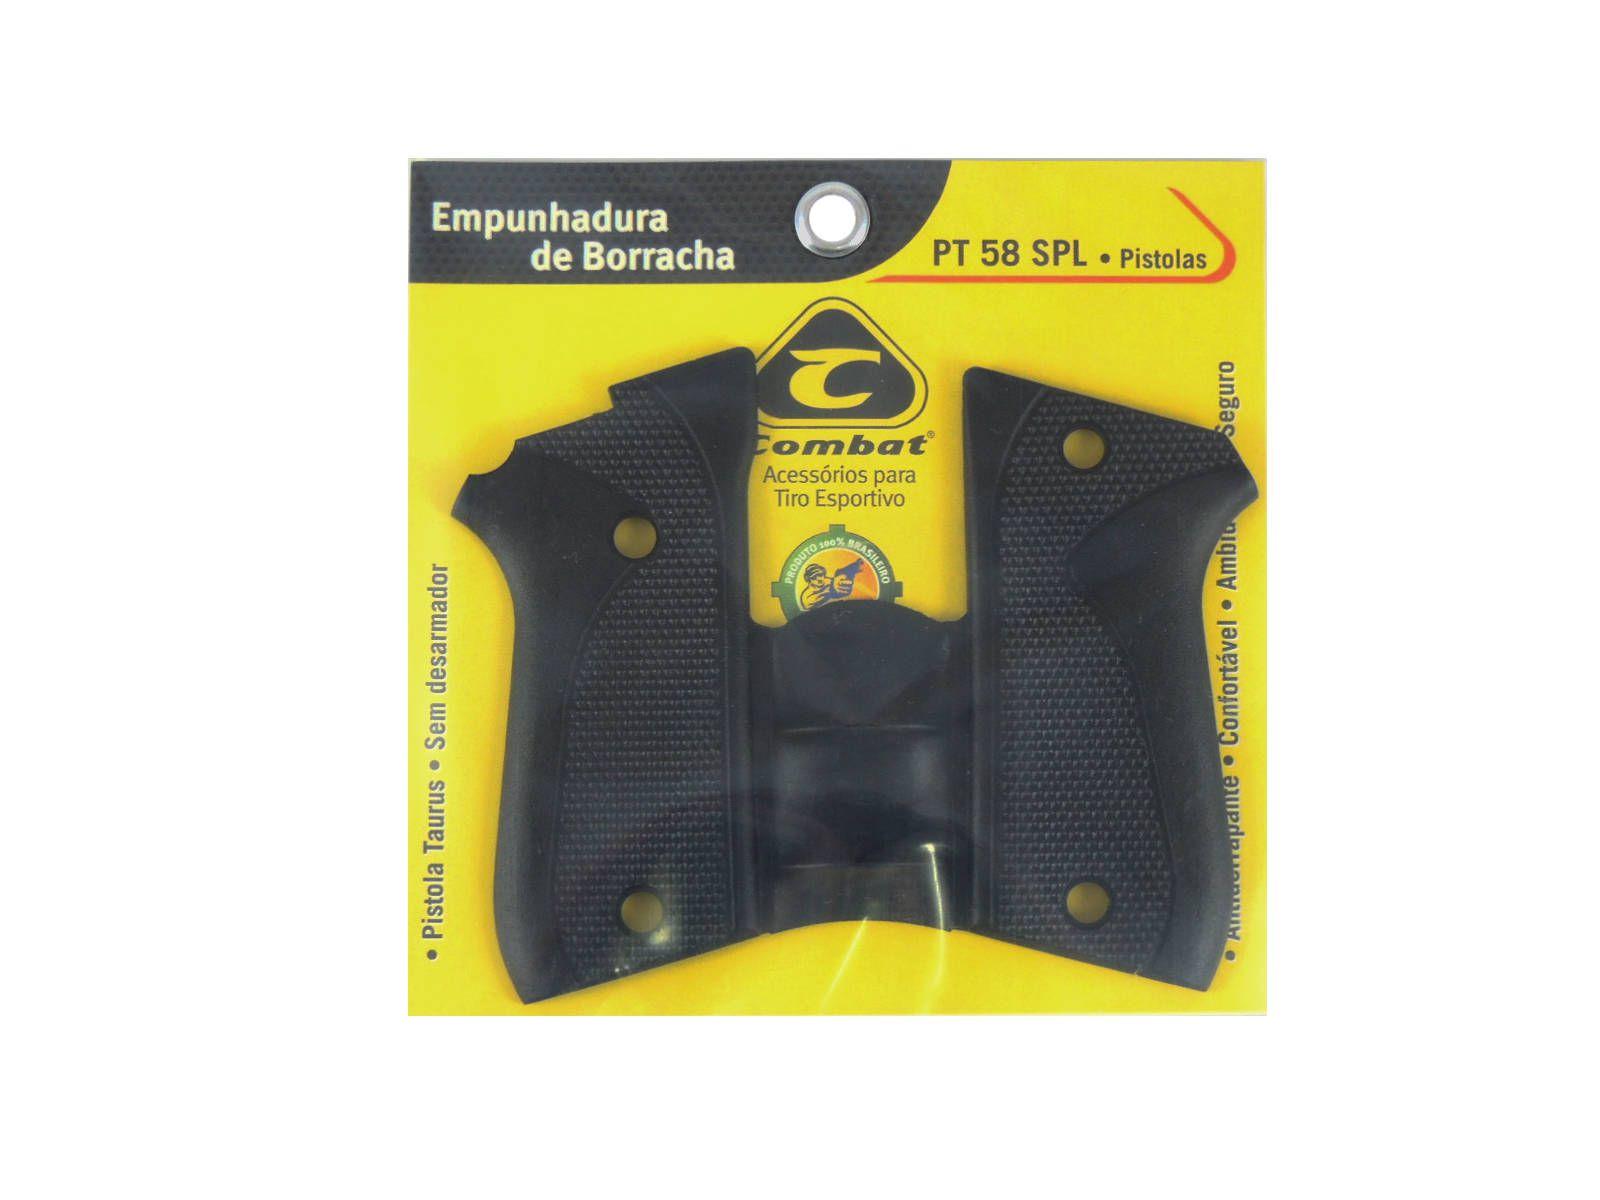 Empunhadura Borracha P/ Pistola 12+1 S/ Desarmador Pt 58sd / 58s / 57sc / 92cd